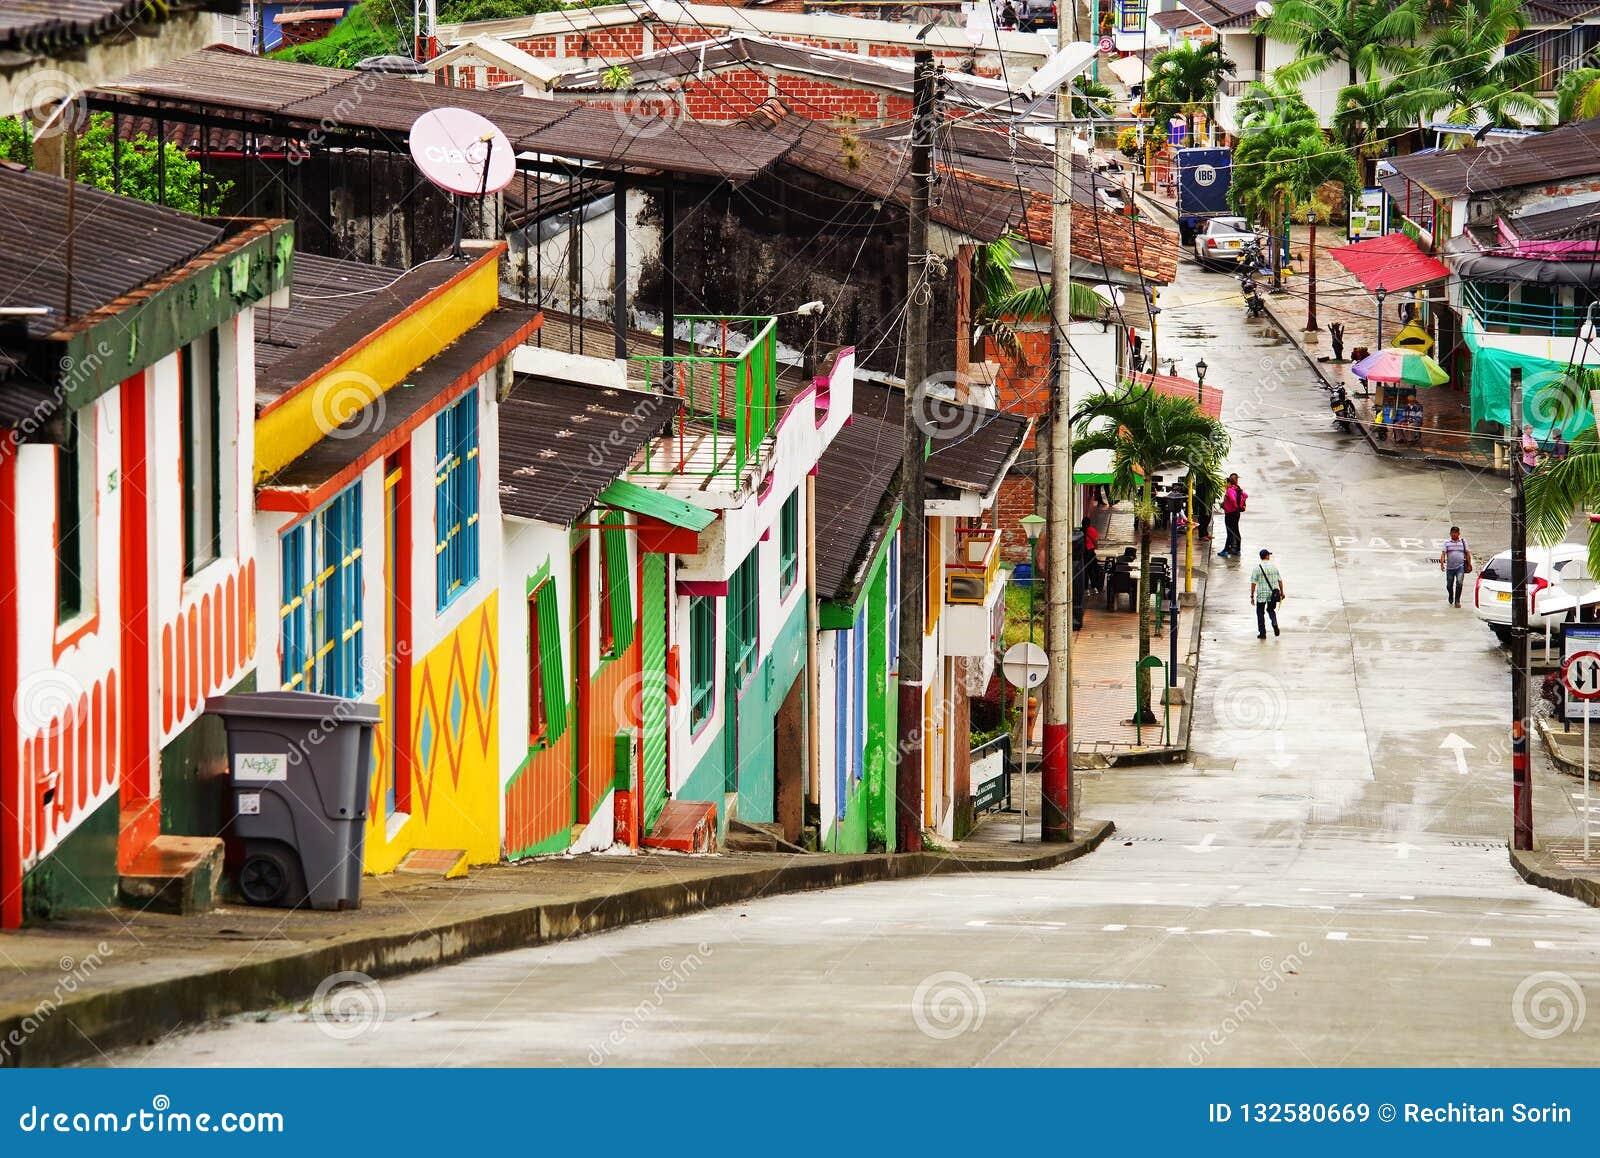 BUENA VISTA, COLÔMBIA - 14 DE AGOSTO DE 2018: Cena da rua em Buena Vista - Quindio, a cidade famosa para sua cultura do café